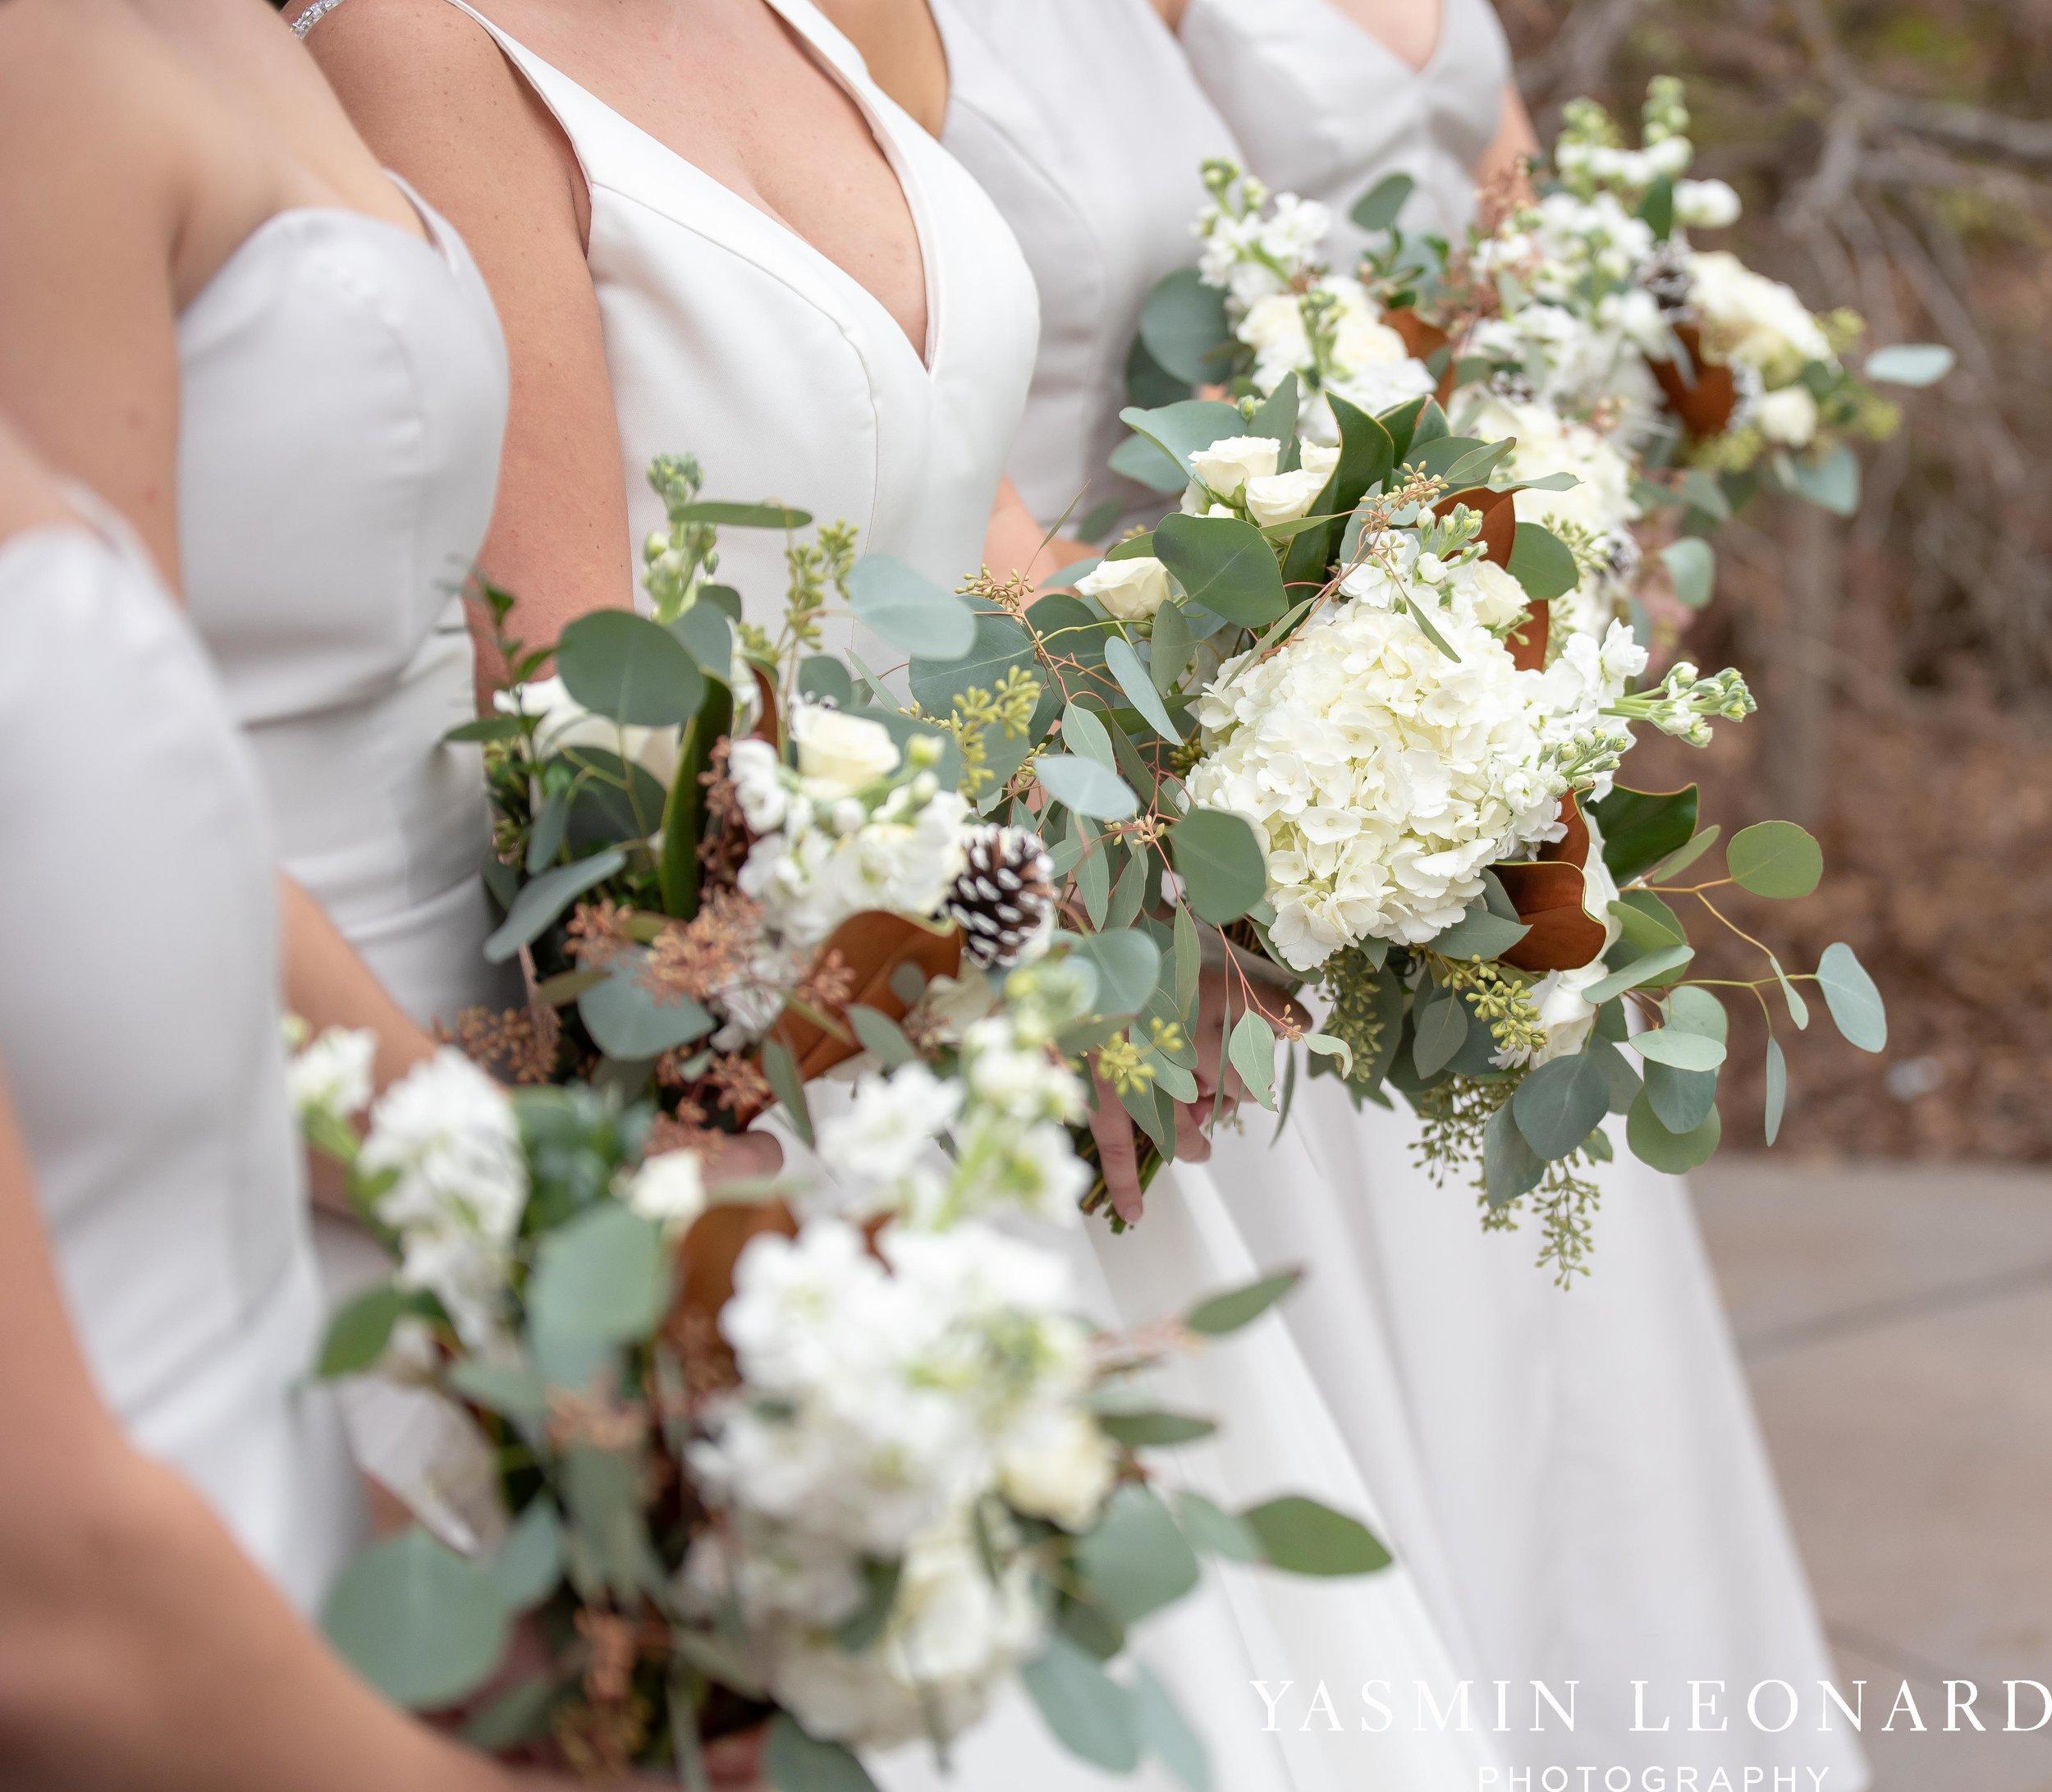 Adaumont Farm - Wesley Memorial Weddings - High Point Weddings - Just Priceless - NC Wedding Photographer - Yasmin Leonard Photography - High Point Wedding Vendors-14.jpg